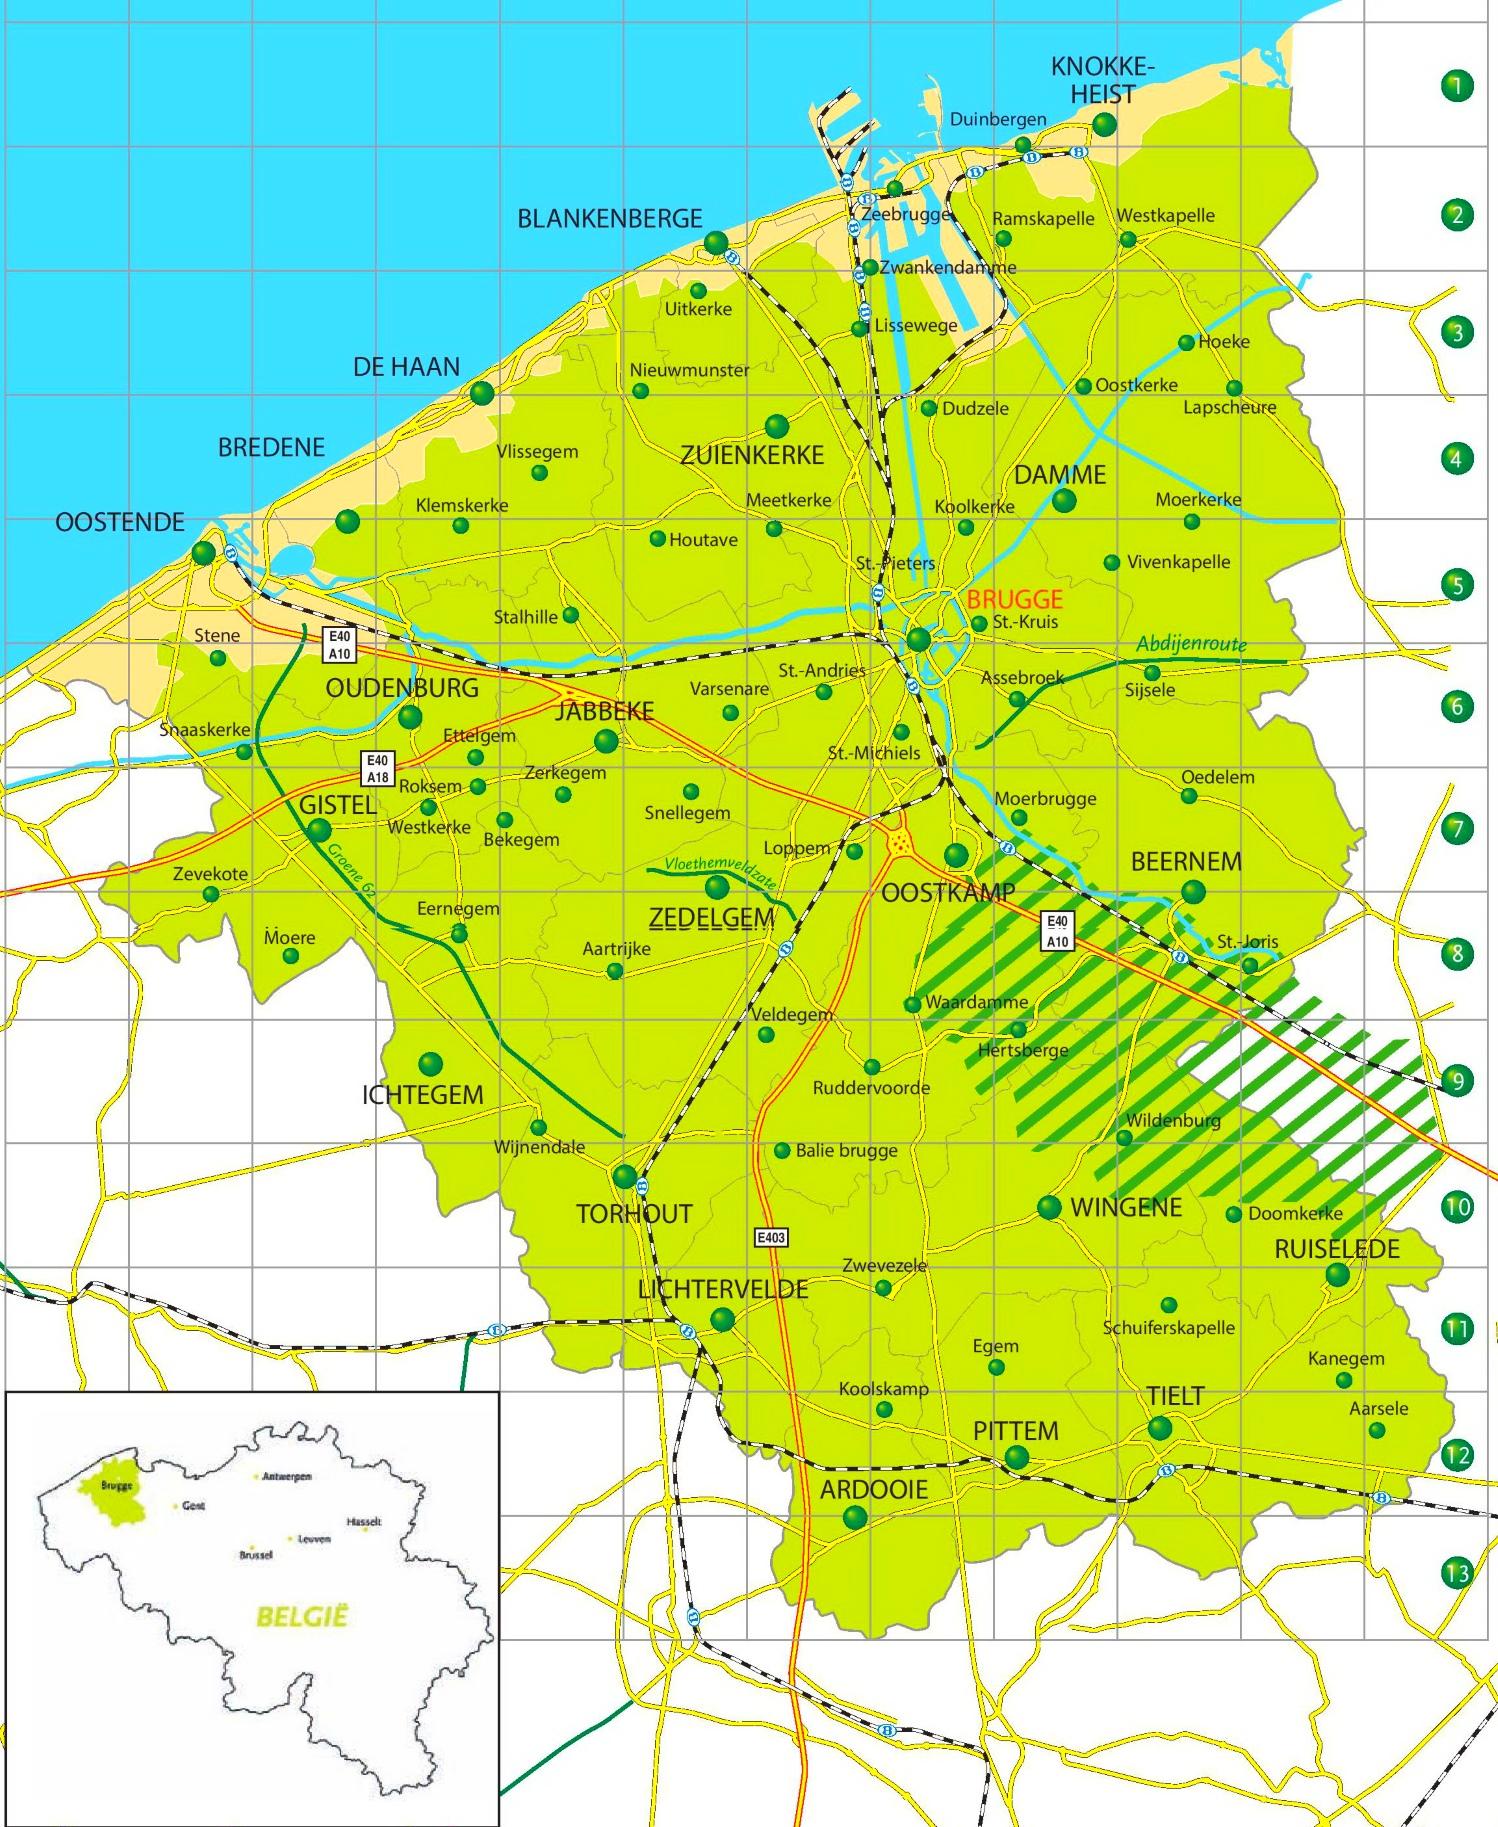 bruges-area-map.jpg